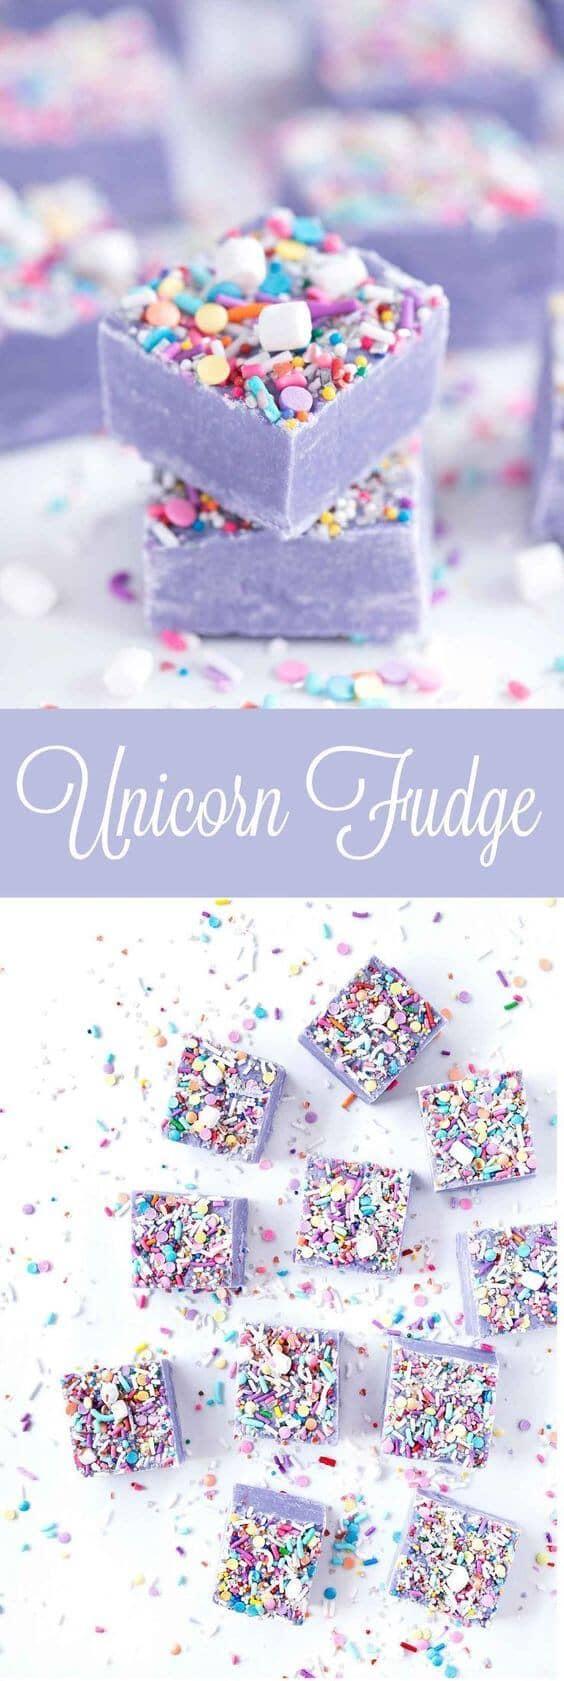 Twilight Lavender Cream Fudge Squares